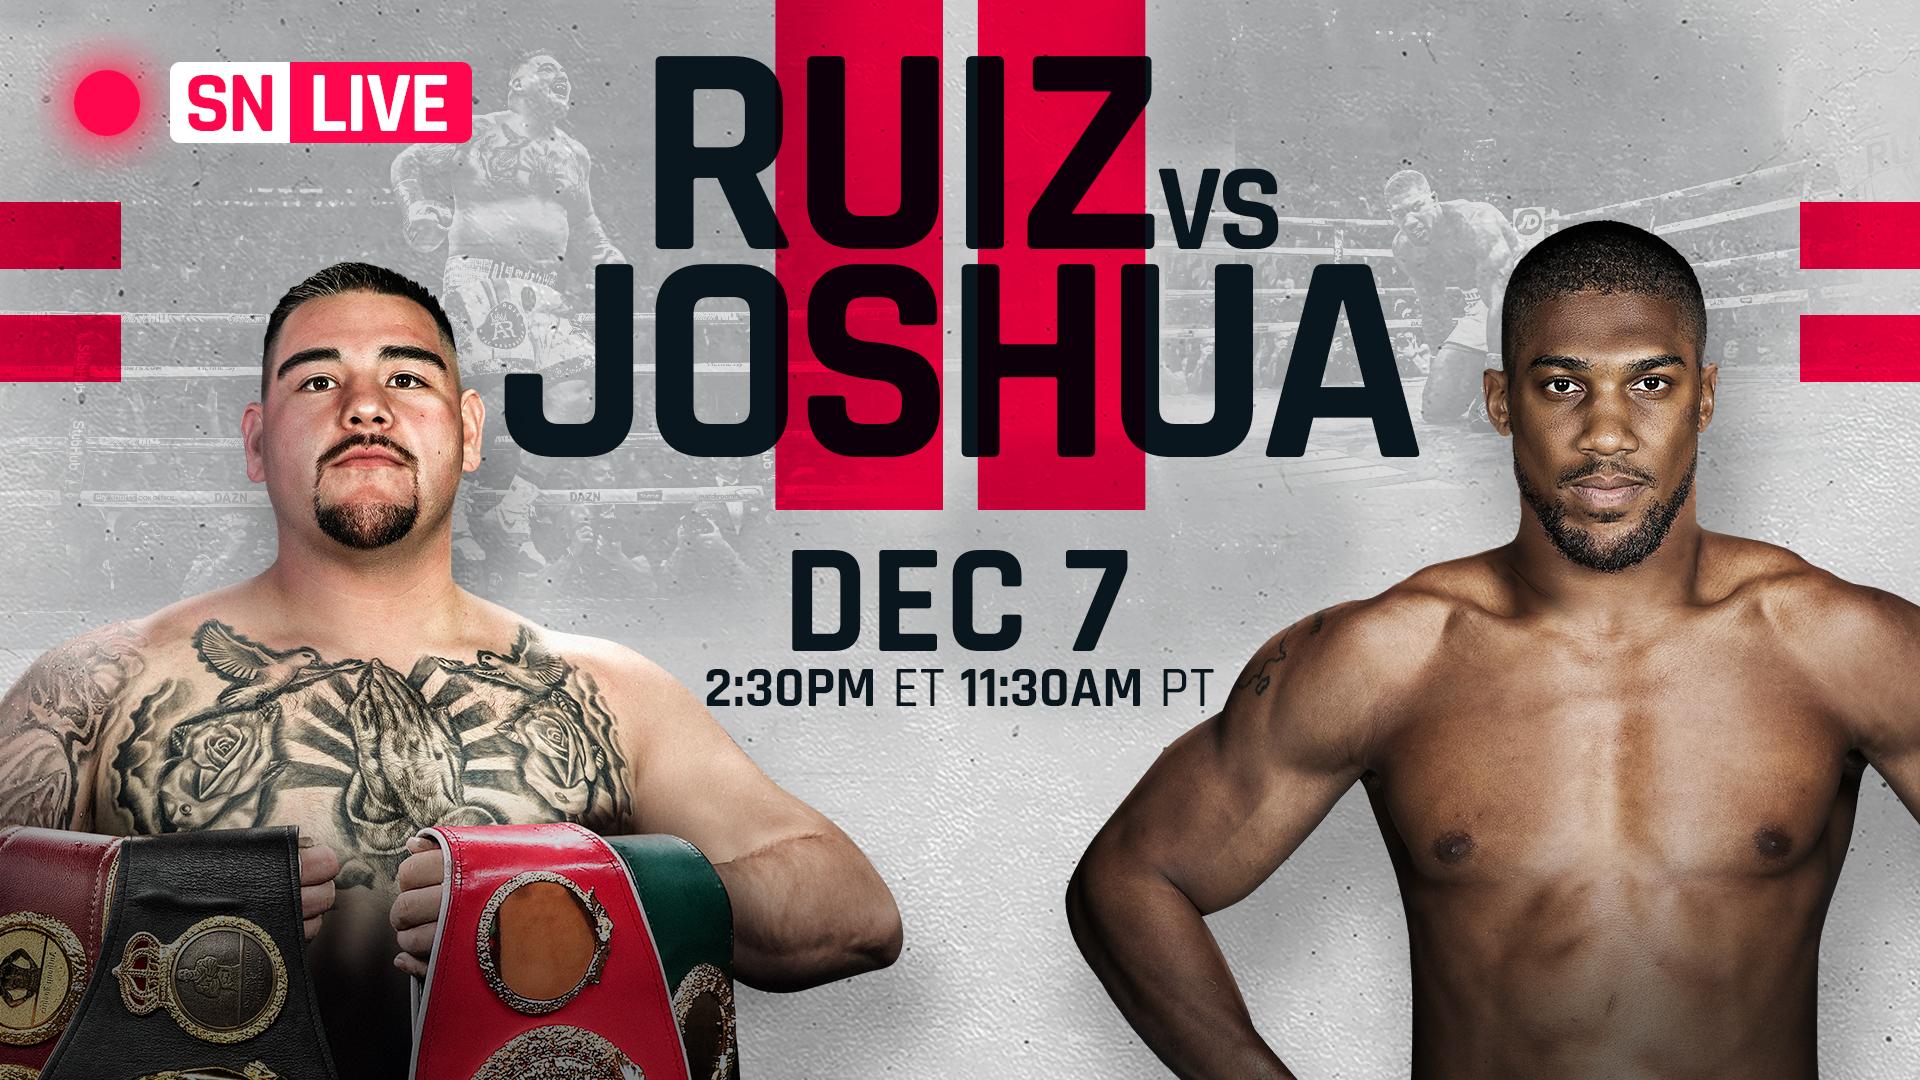 Andy Ruiz Jr. vs Anthony Joshua 2 actualizaciones en vivo, resultados de peleas, aspectos más destacados de la revancha 2